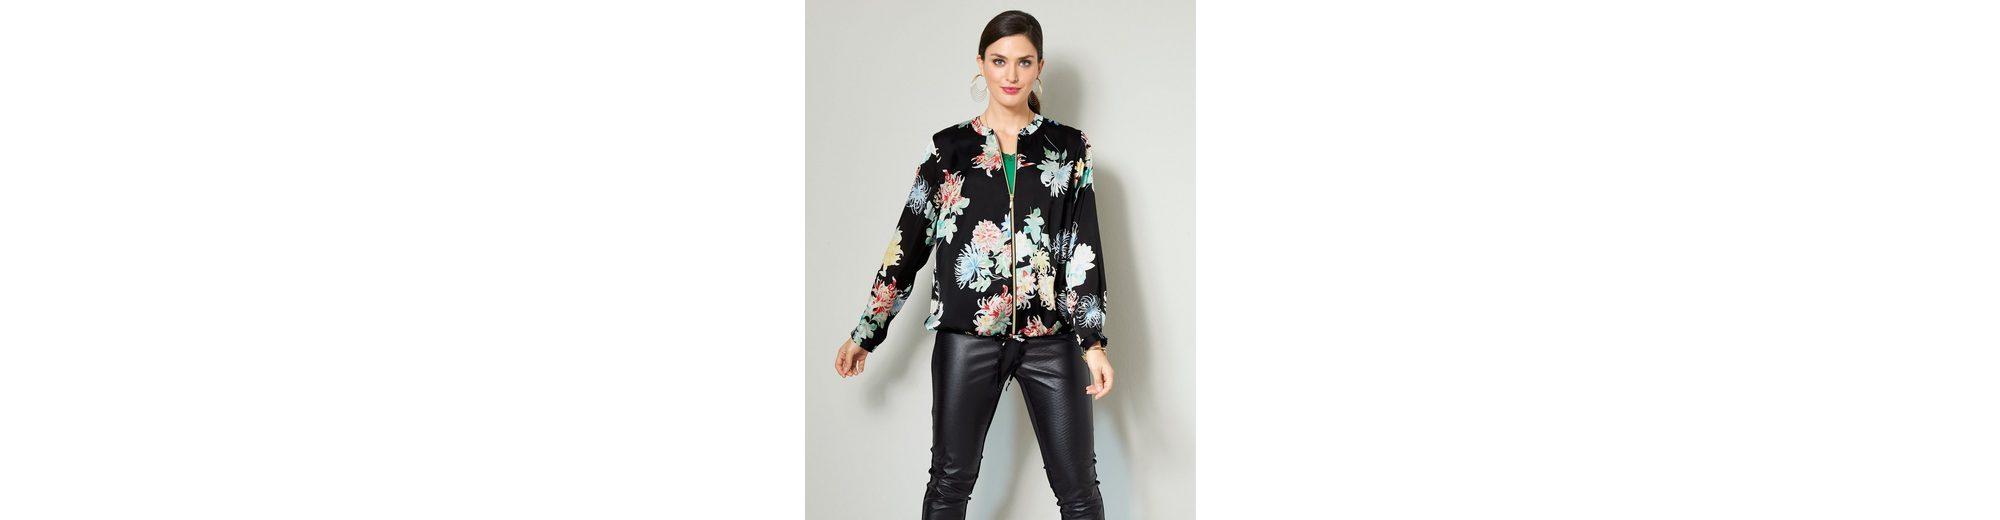 Sara Lindholm by Happy Size Blouson mit Blumen-Print Zum Verkauf Preiswerten Realen Großhandelspreis Online Bester Platz Sammlungen Günstig Online Sast Günstig Online y0xkTdY